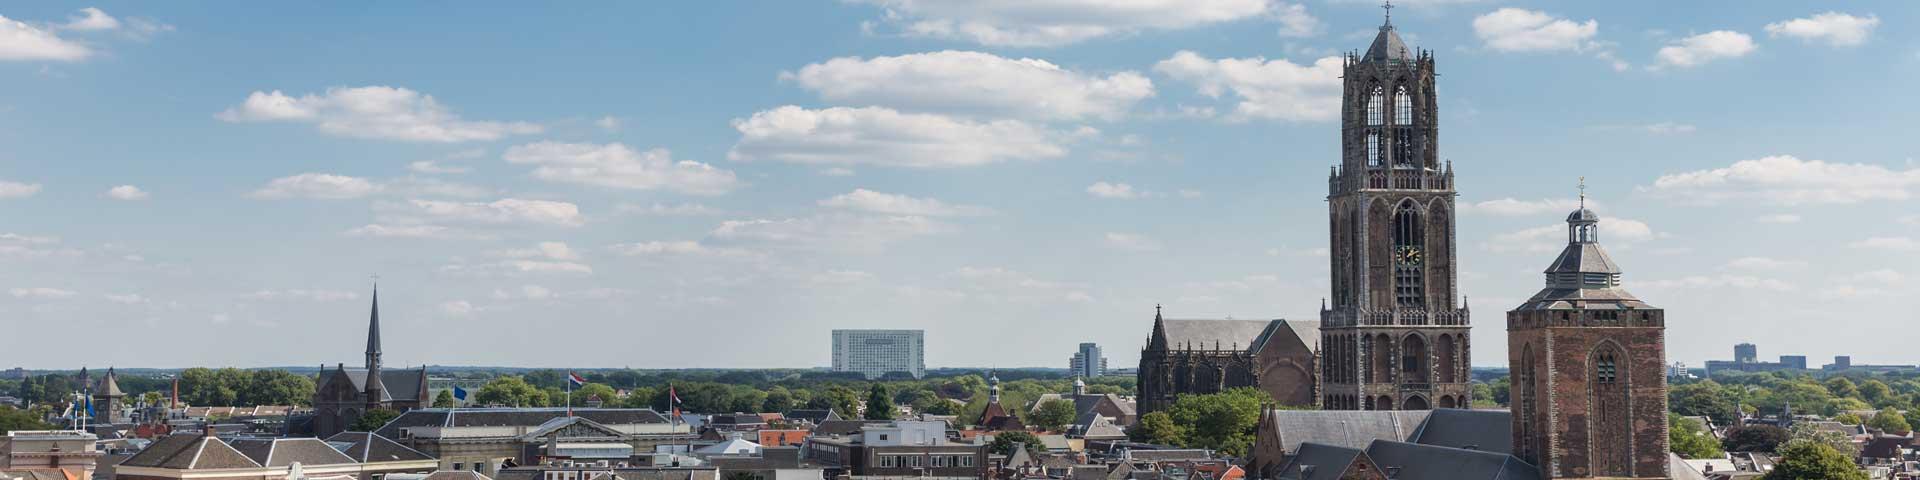 energie Utrecht